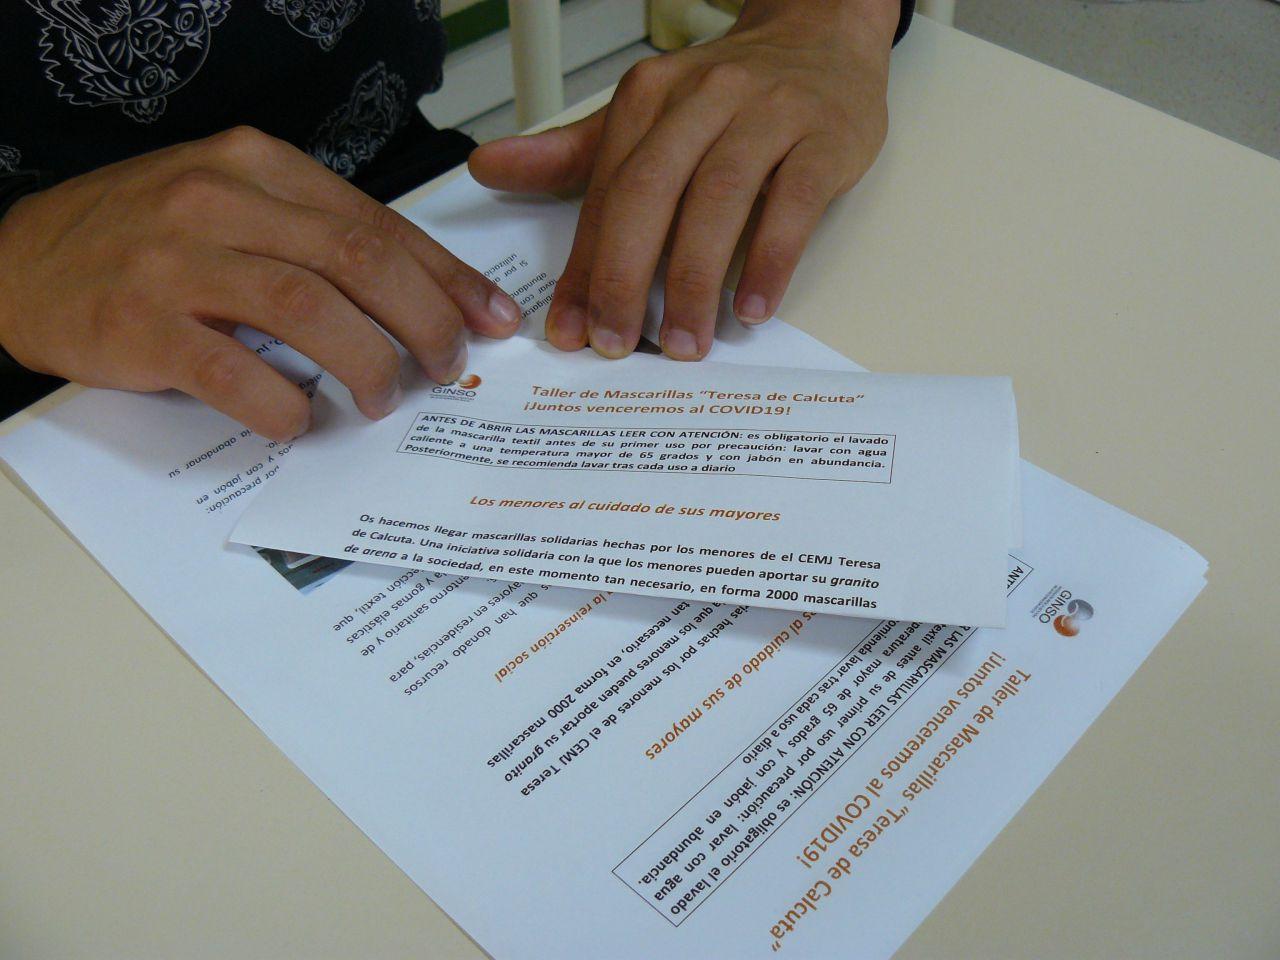 El CEMJ Teresa de Calcuta dona 2.000 mascarillas a residencias de mayores de la Comunidad de Madrid